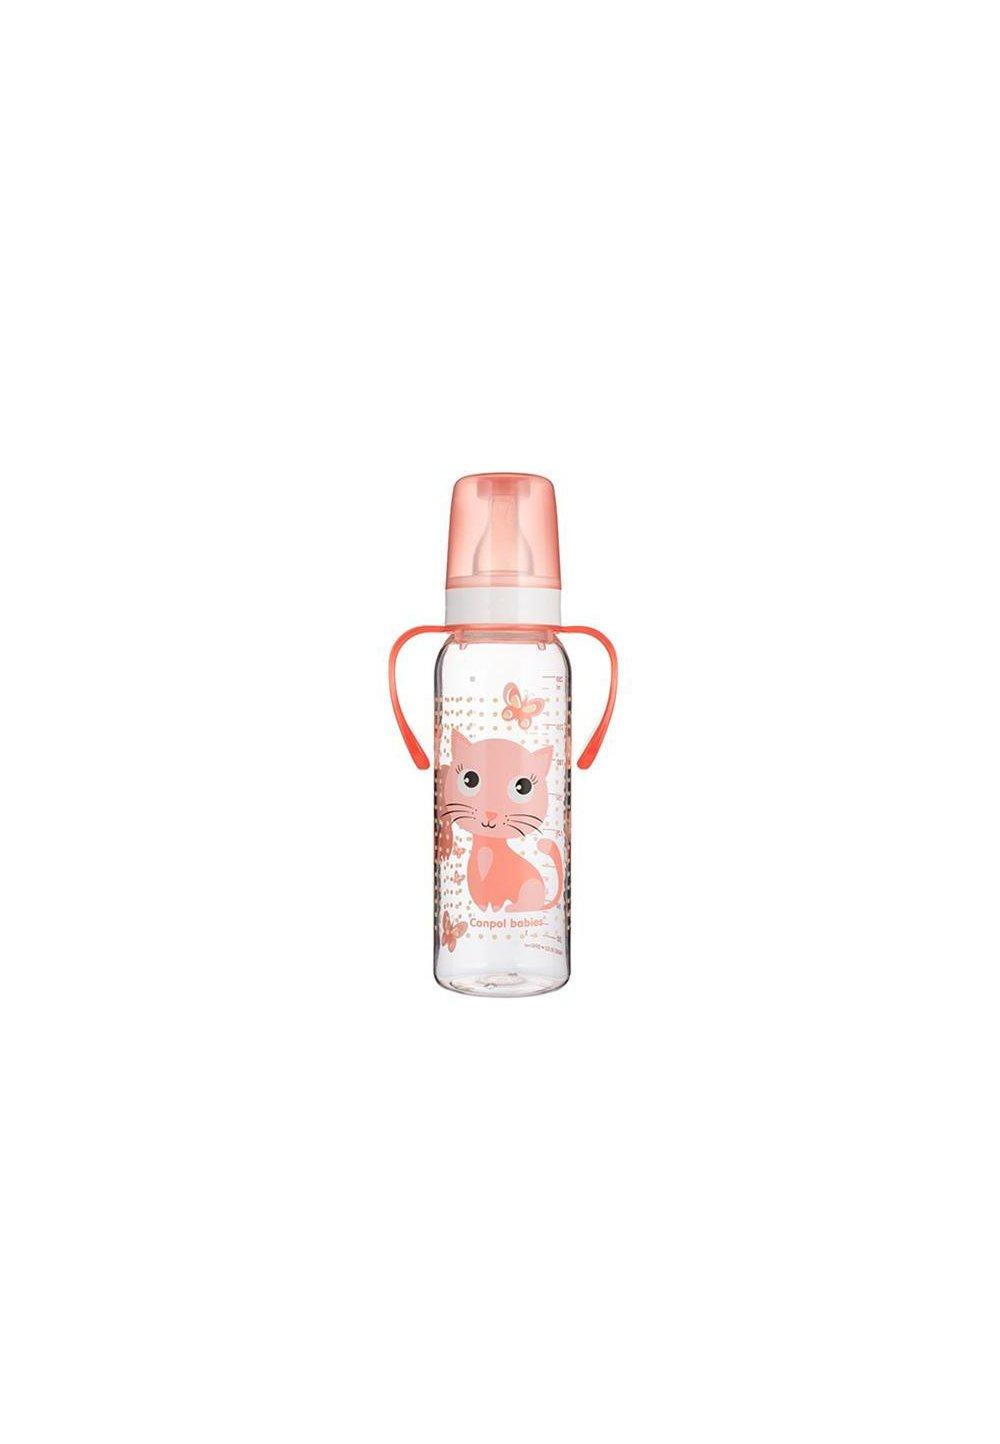 Biberon cu maner, Canpol, tetina din silicon, +12 luni, 250 ml, roz imagine